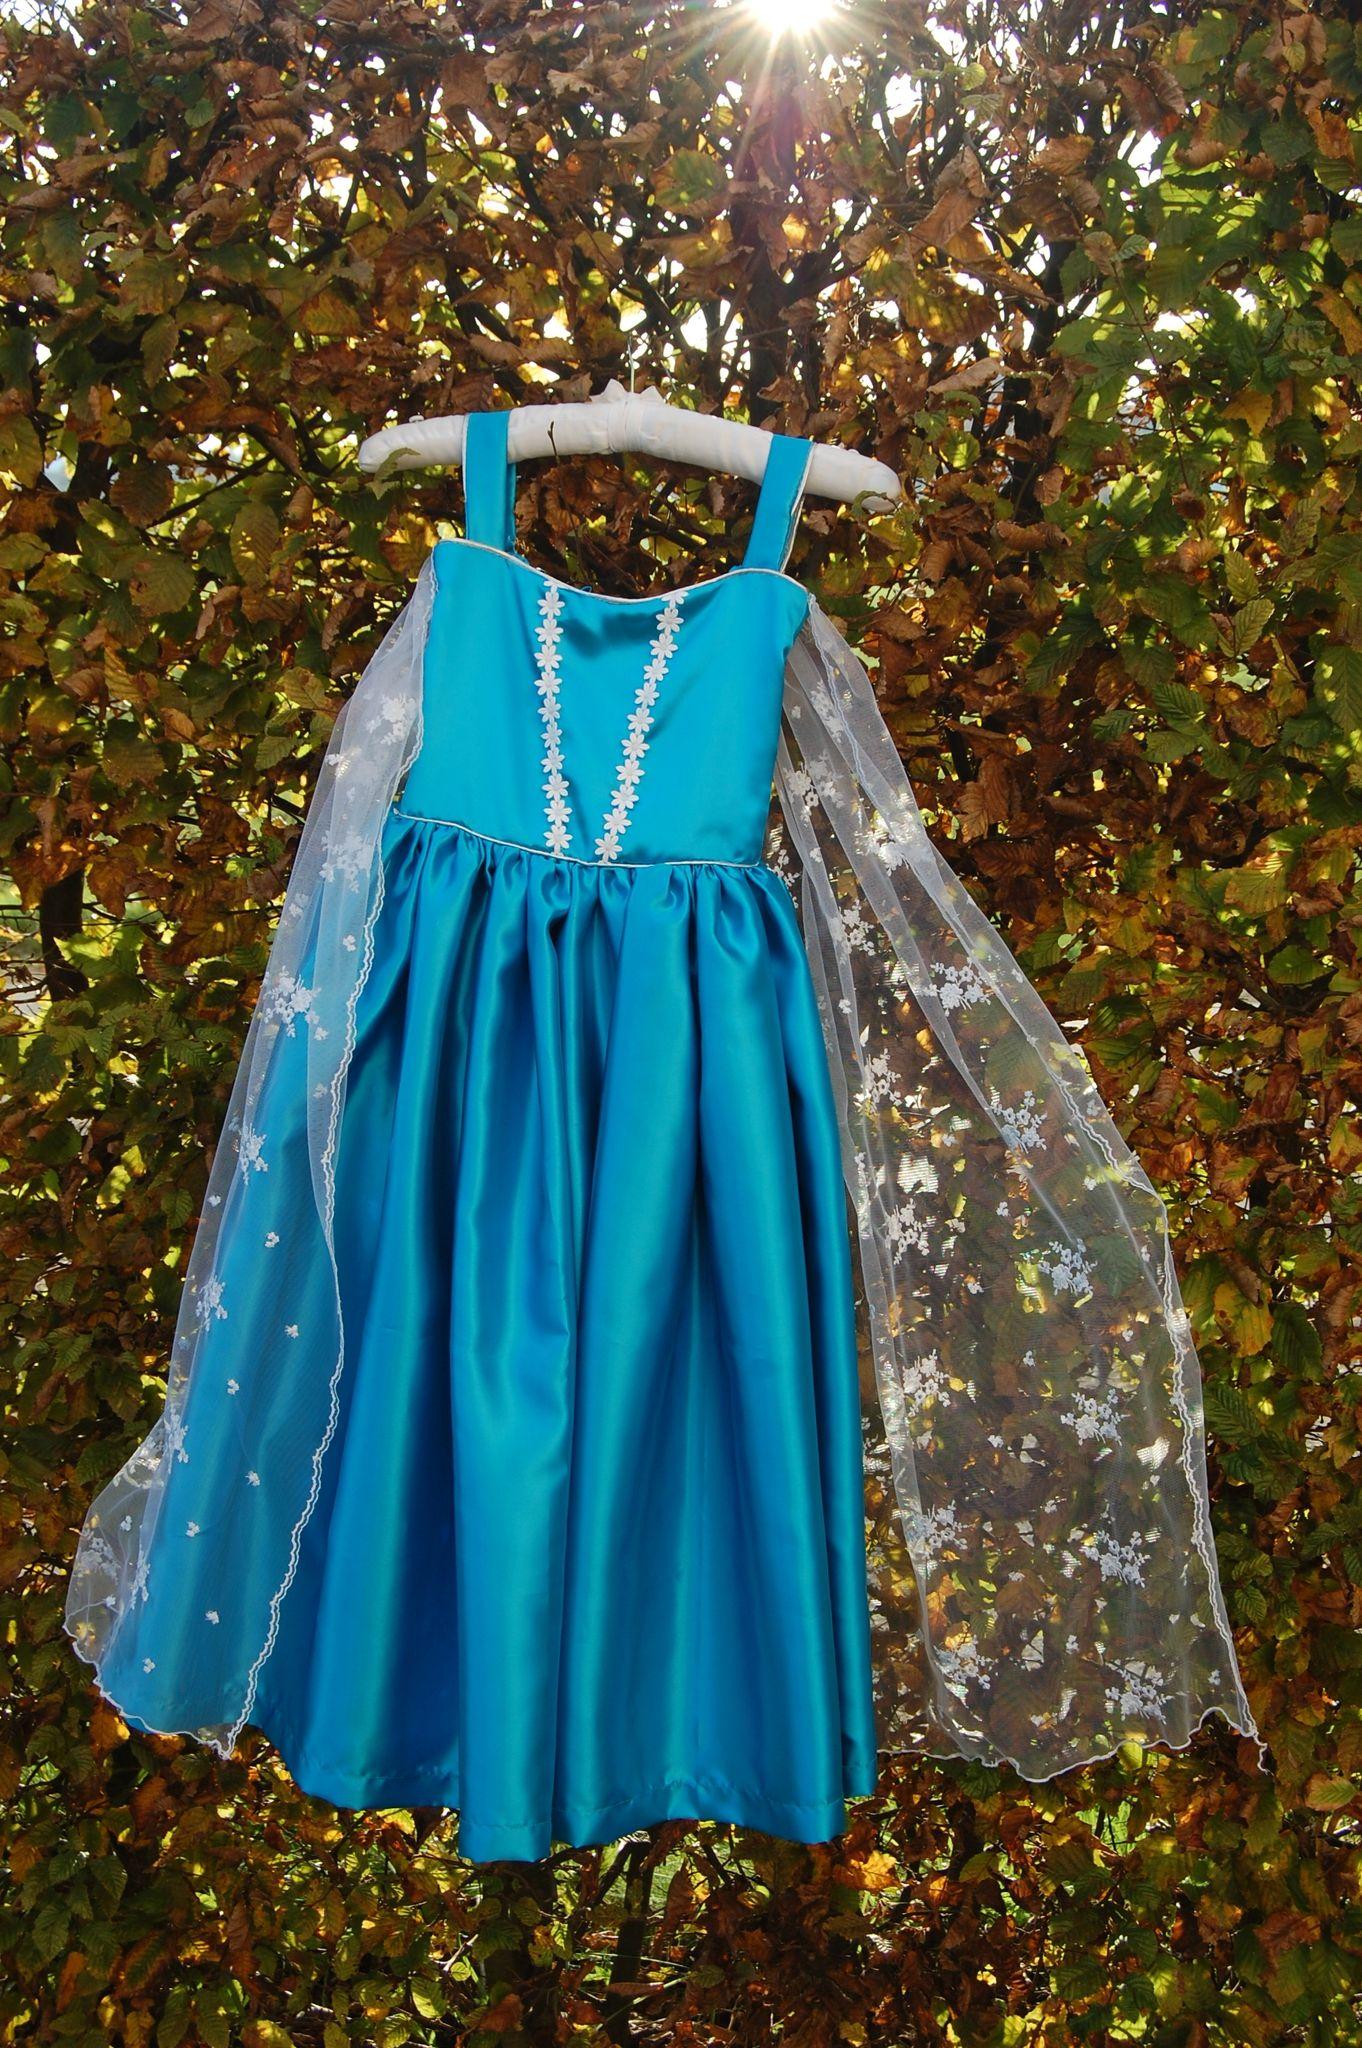 La reine des neiges tuto de la robe d 39 elsa sacs trousses pochettes et divers contenants - Robe reine des glaces ...